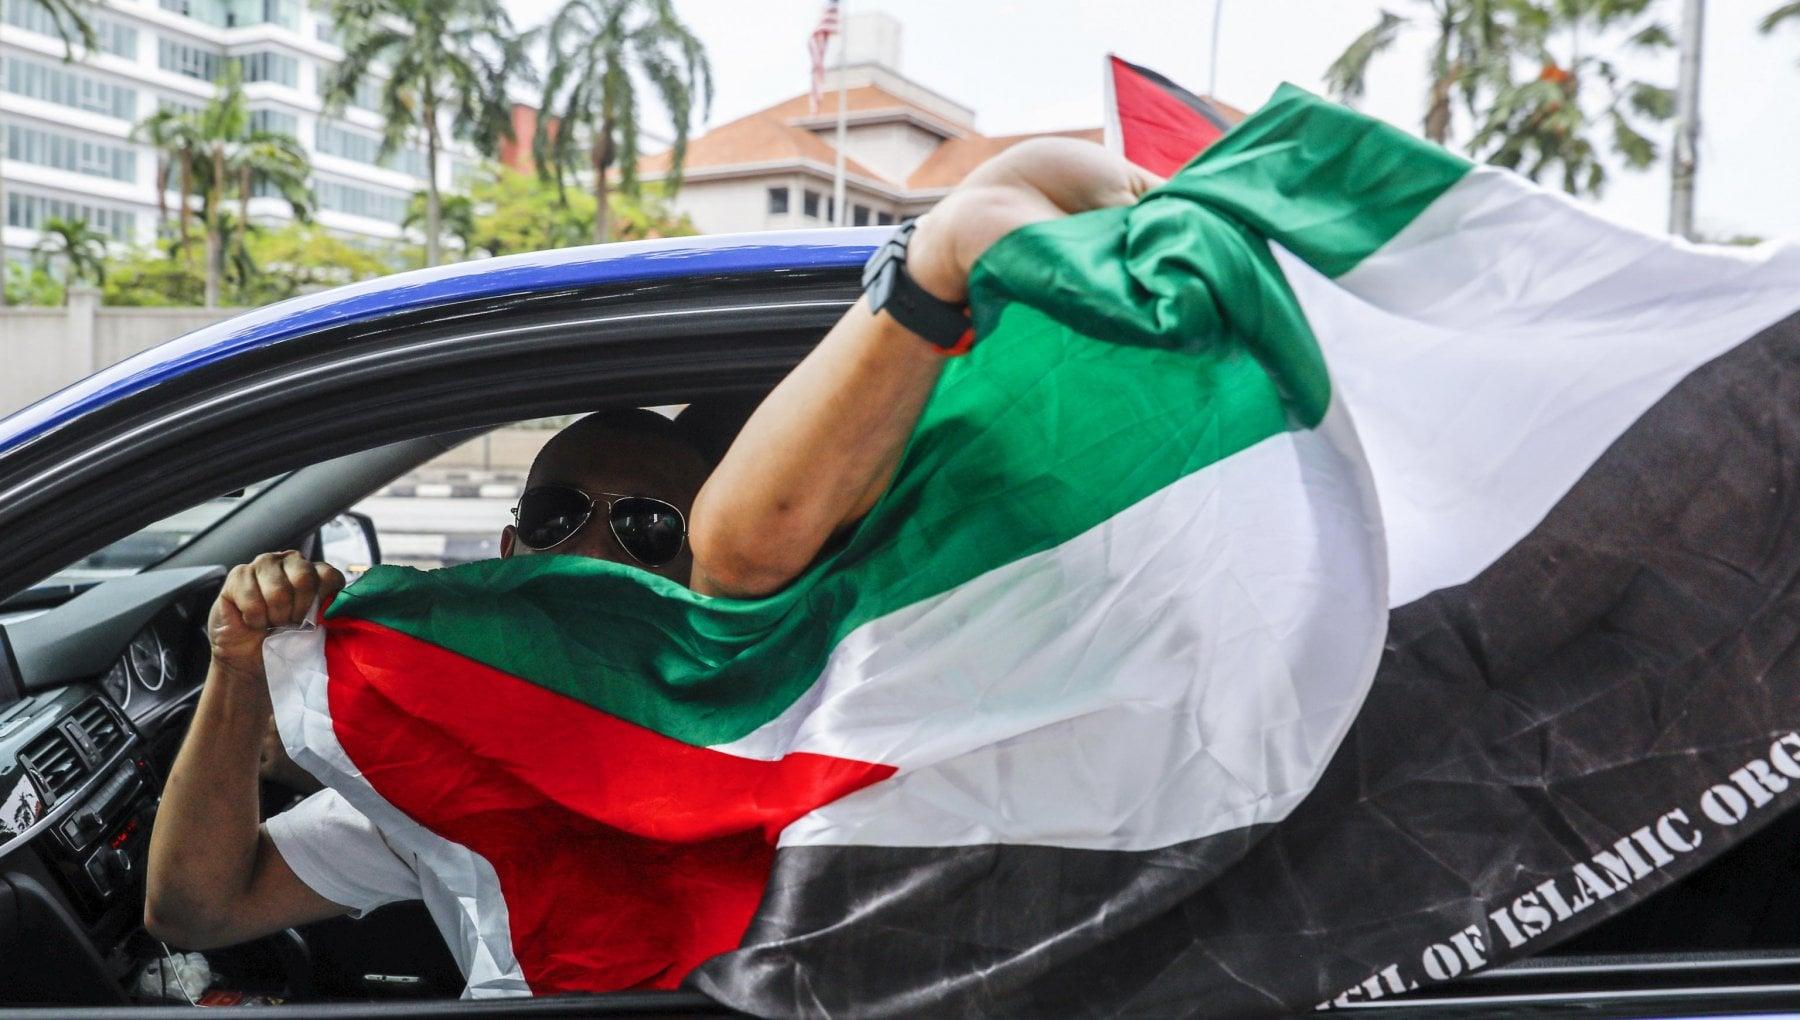 """124034203 b3e6519a 0df6 44b8 b006 23b1682a2e9b - Medioriente, Olivier Roy: """"Hamas cerca il monopolio politico, ma Al Fatah non è l'alternativa laica per i palestinesi"""""""